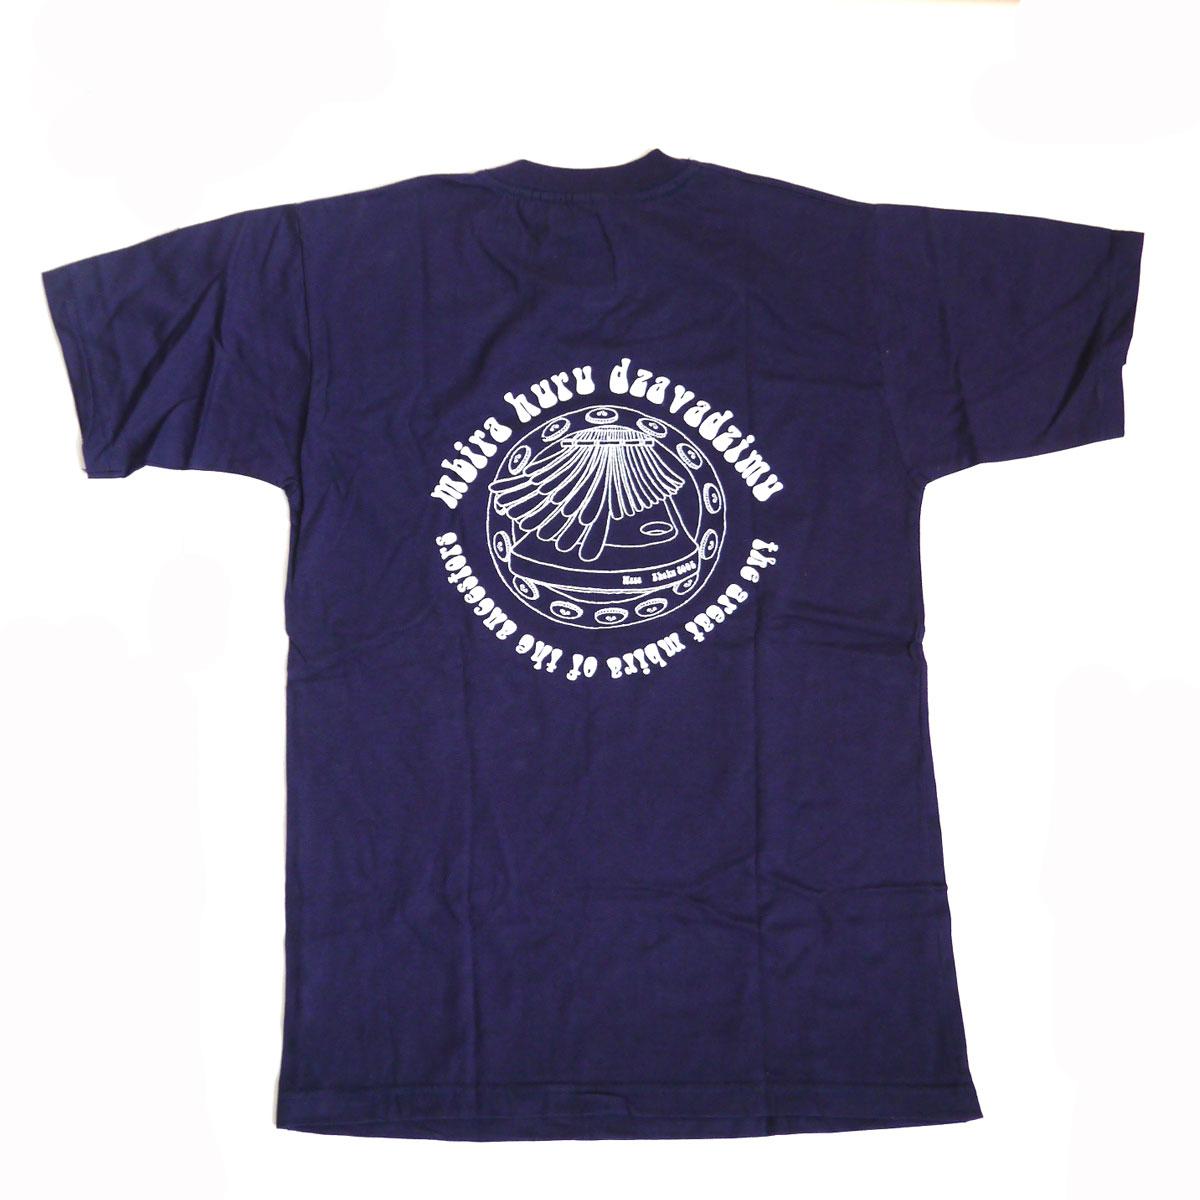 オリジナルTシャツ OT-01